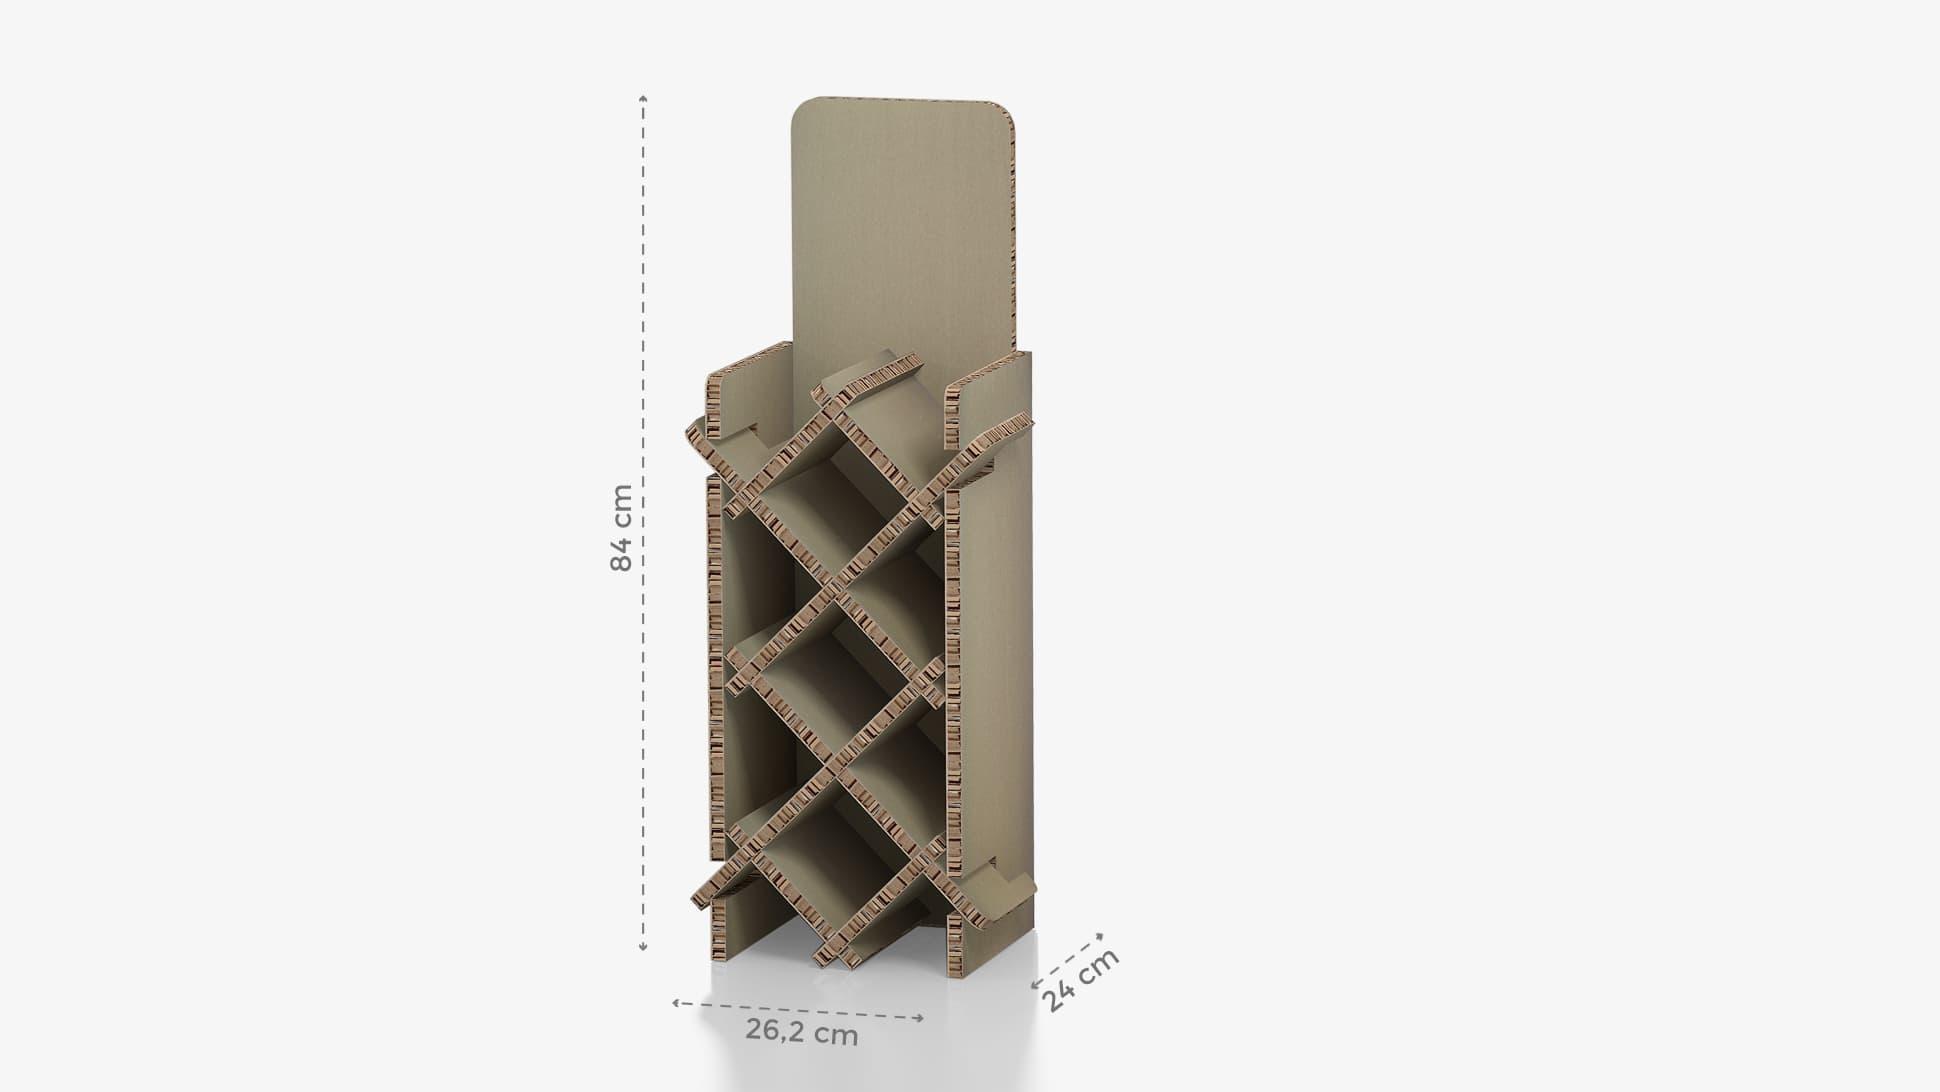 Portabottiglie piccolo con grafica personalizzabile | tictac.it